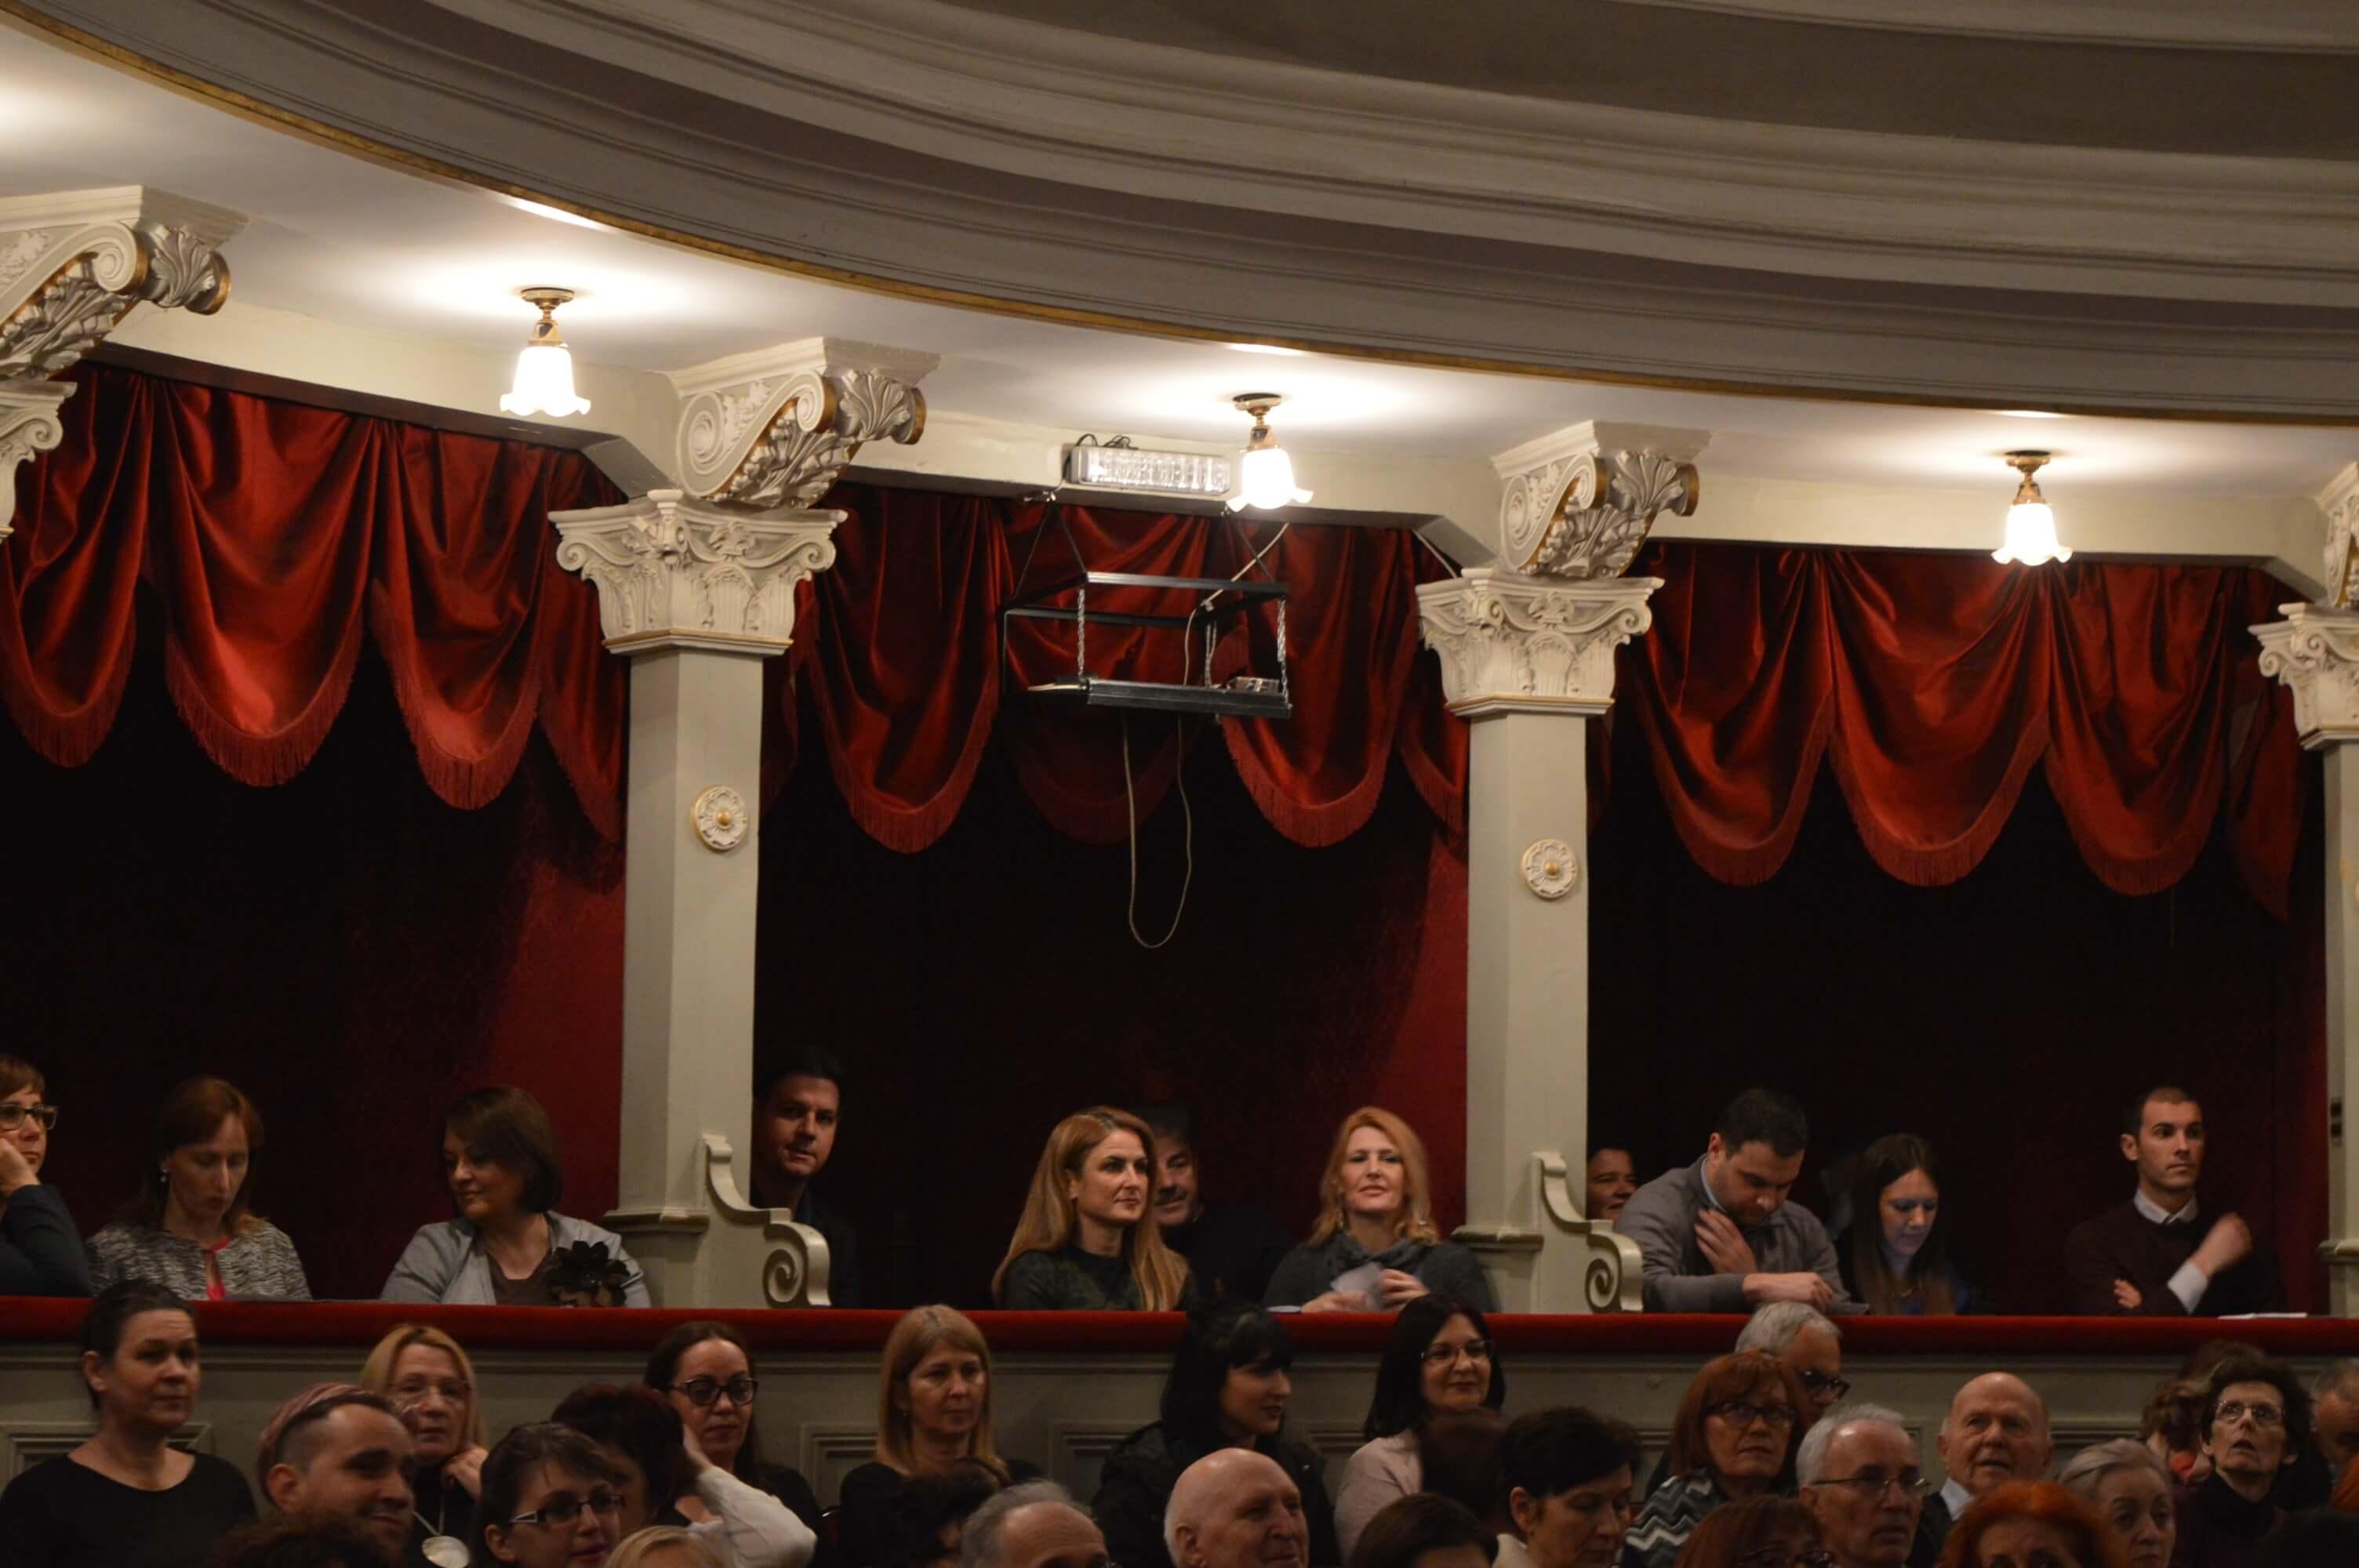 Gradonačelnica grada Sombora Dušanka Golubović na koncertu Italijanskog kulturnog centra Subotica i Subotičkog tamburaškog orkestra